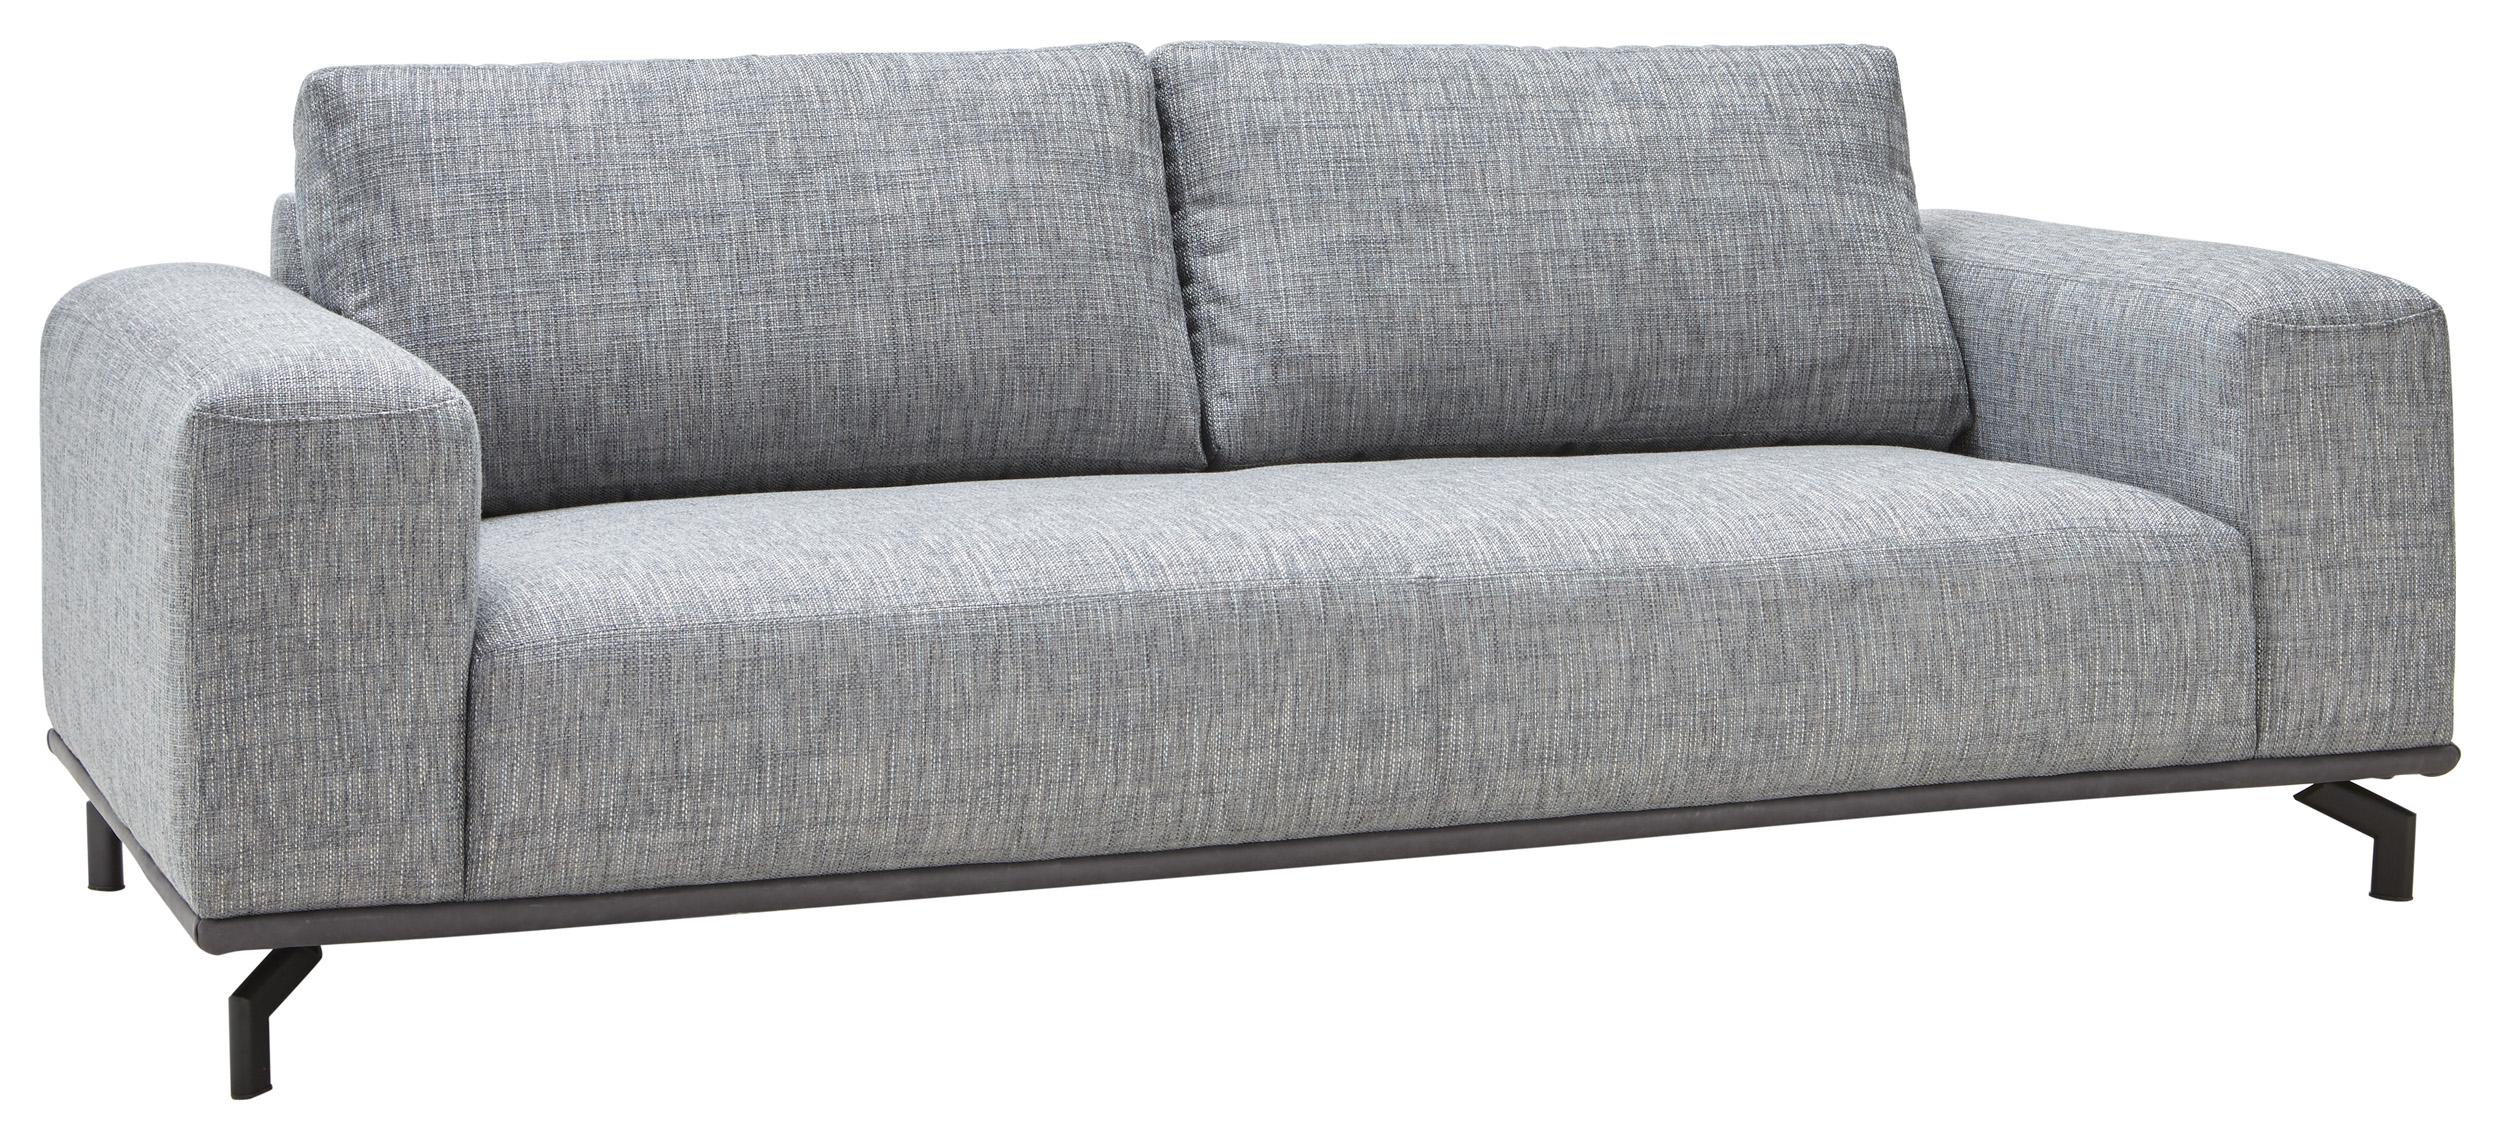 Full Size of Sofa 2 5 Sitzer Marilyn Stoff Landhausstil Federkern Mit Relaxfunktion Leder Elektrisch Schlaffunktion Microfaser Couch Sitzhöhe 55 Cm Graues Bett 160x200 Sofa Sofa 2 5 Sitzer